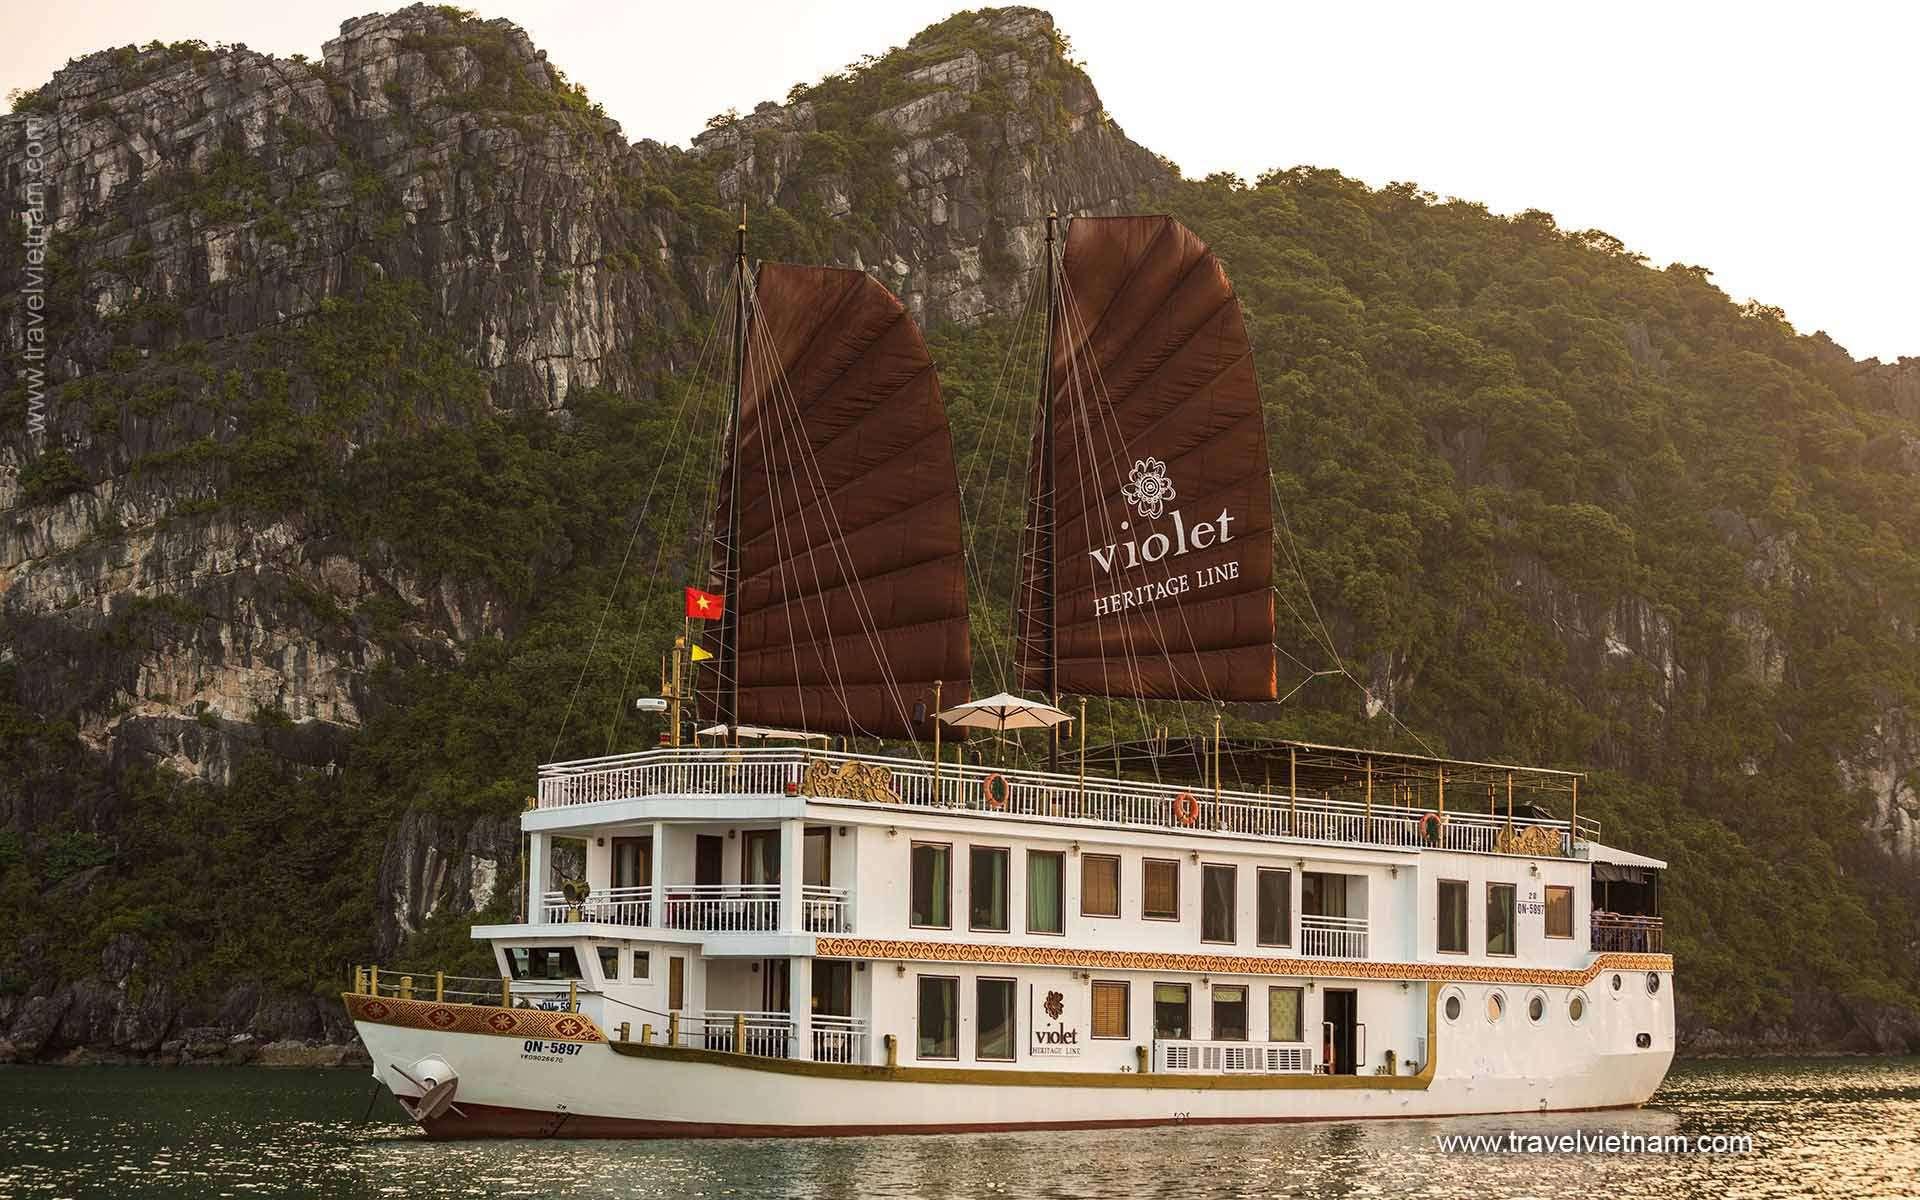 Heritage Line Violet